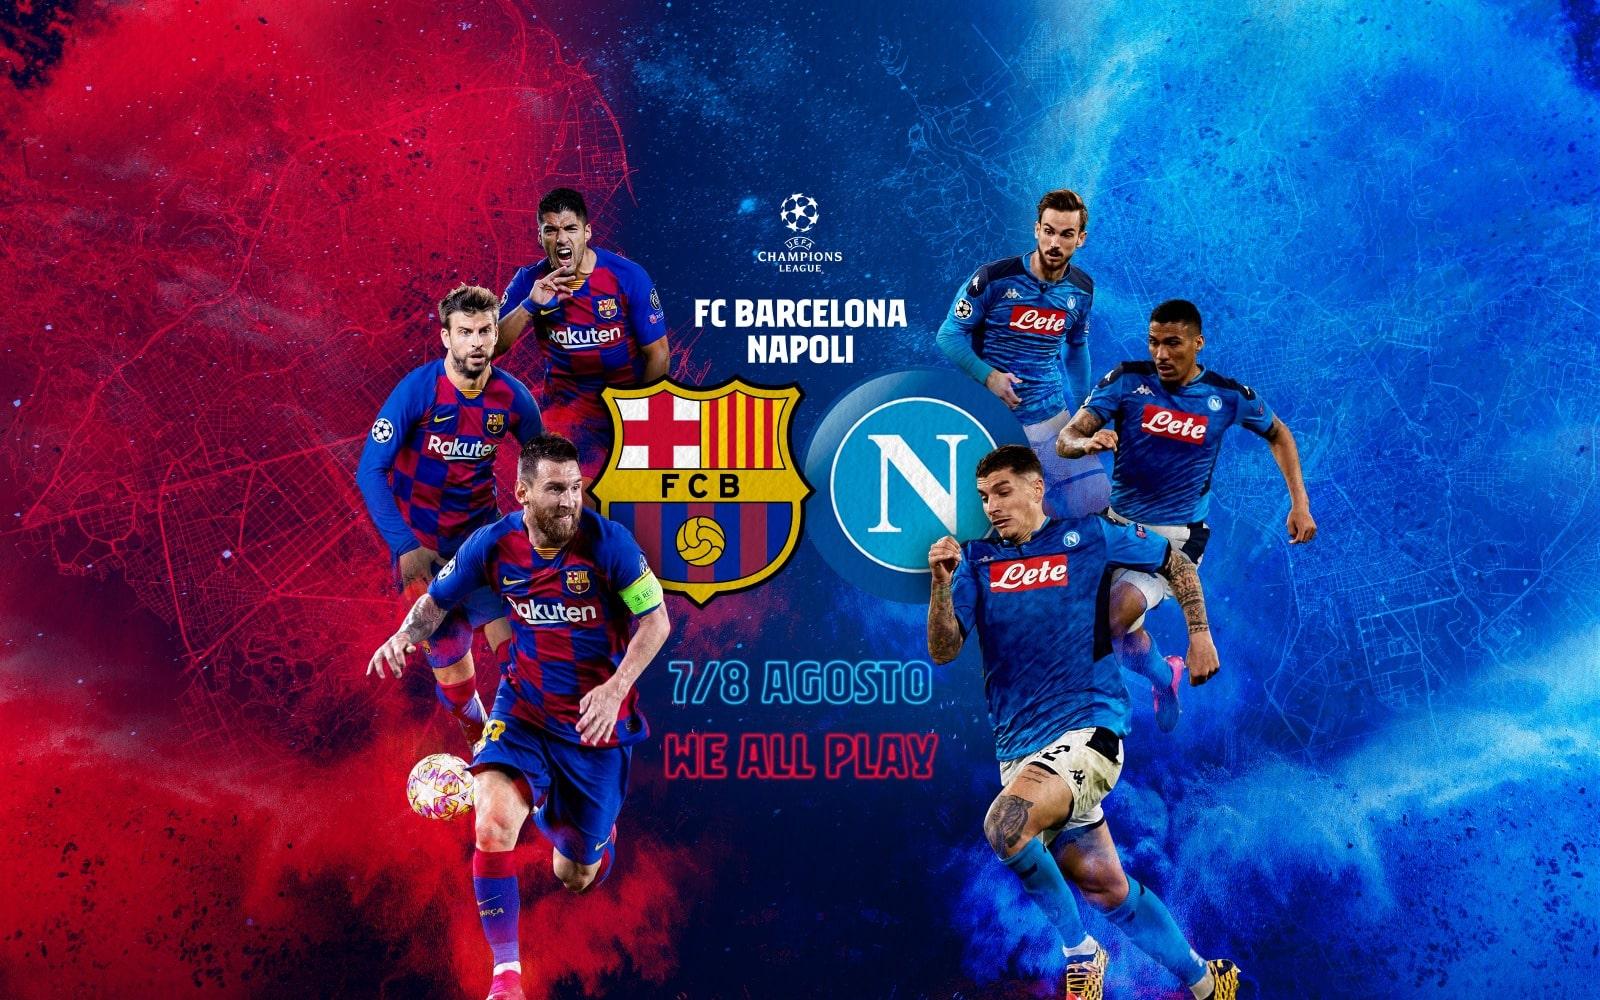 پیش بینی فوتبال بارسلونا ناپولی